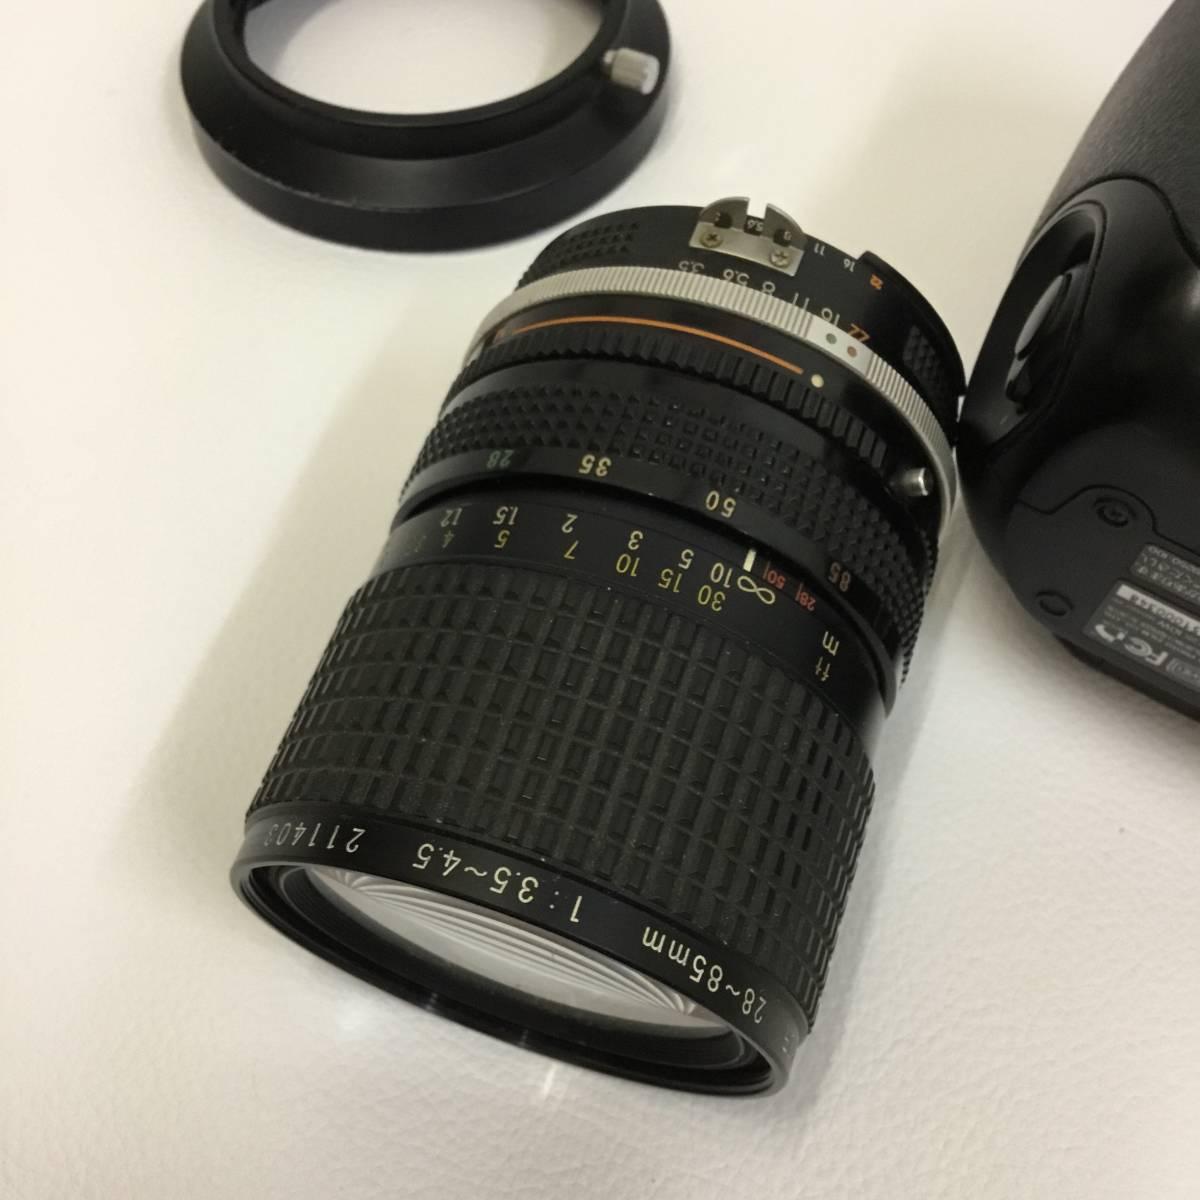 フジフィルム FUJIFILM Fine Pix S3Pro Zoom-NIKKOR 28-85mm ジャンク品_画像7